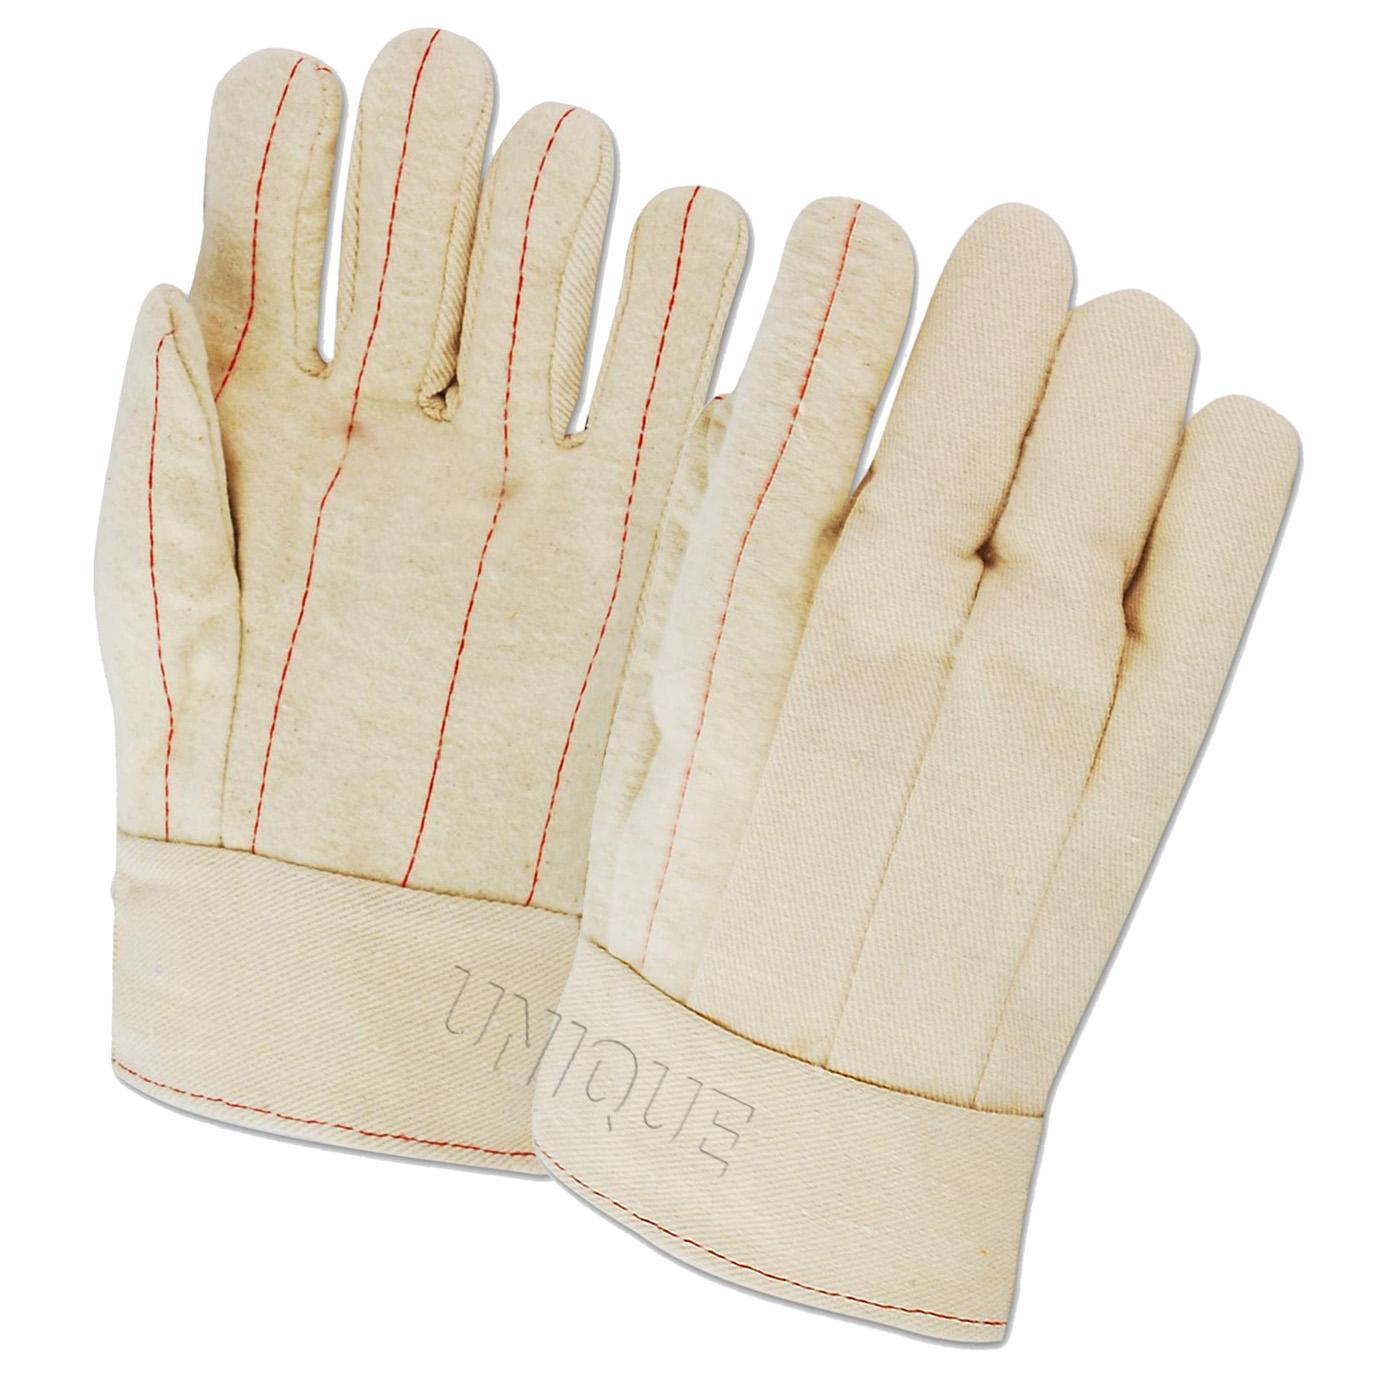 24 oz Hot Mill Gloves